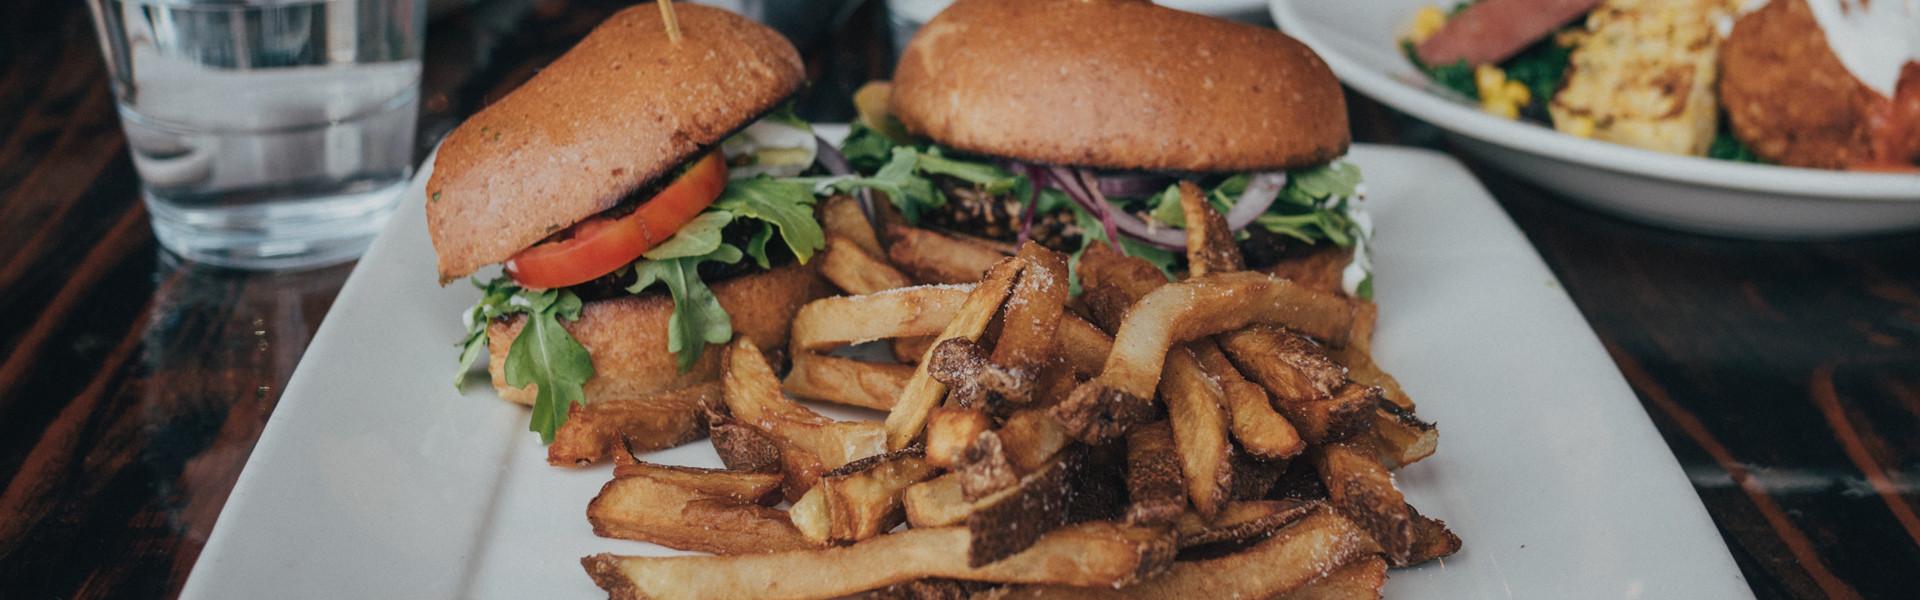 La Belle et La Boeuf Burger Bar - Centropolis